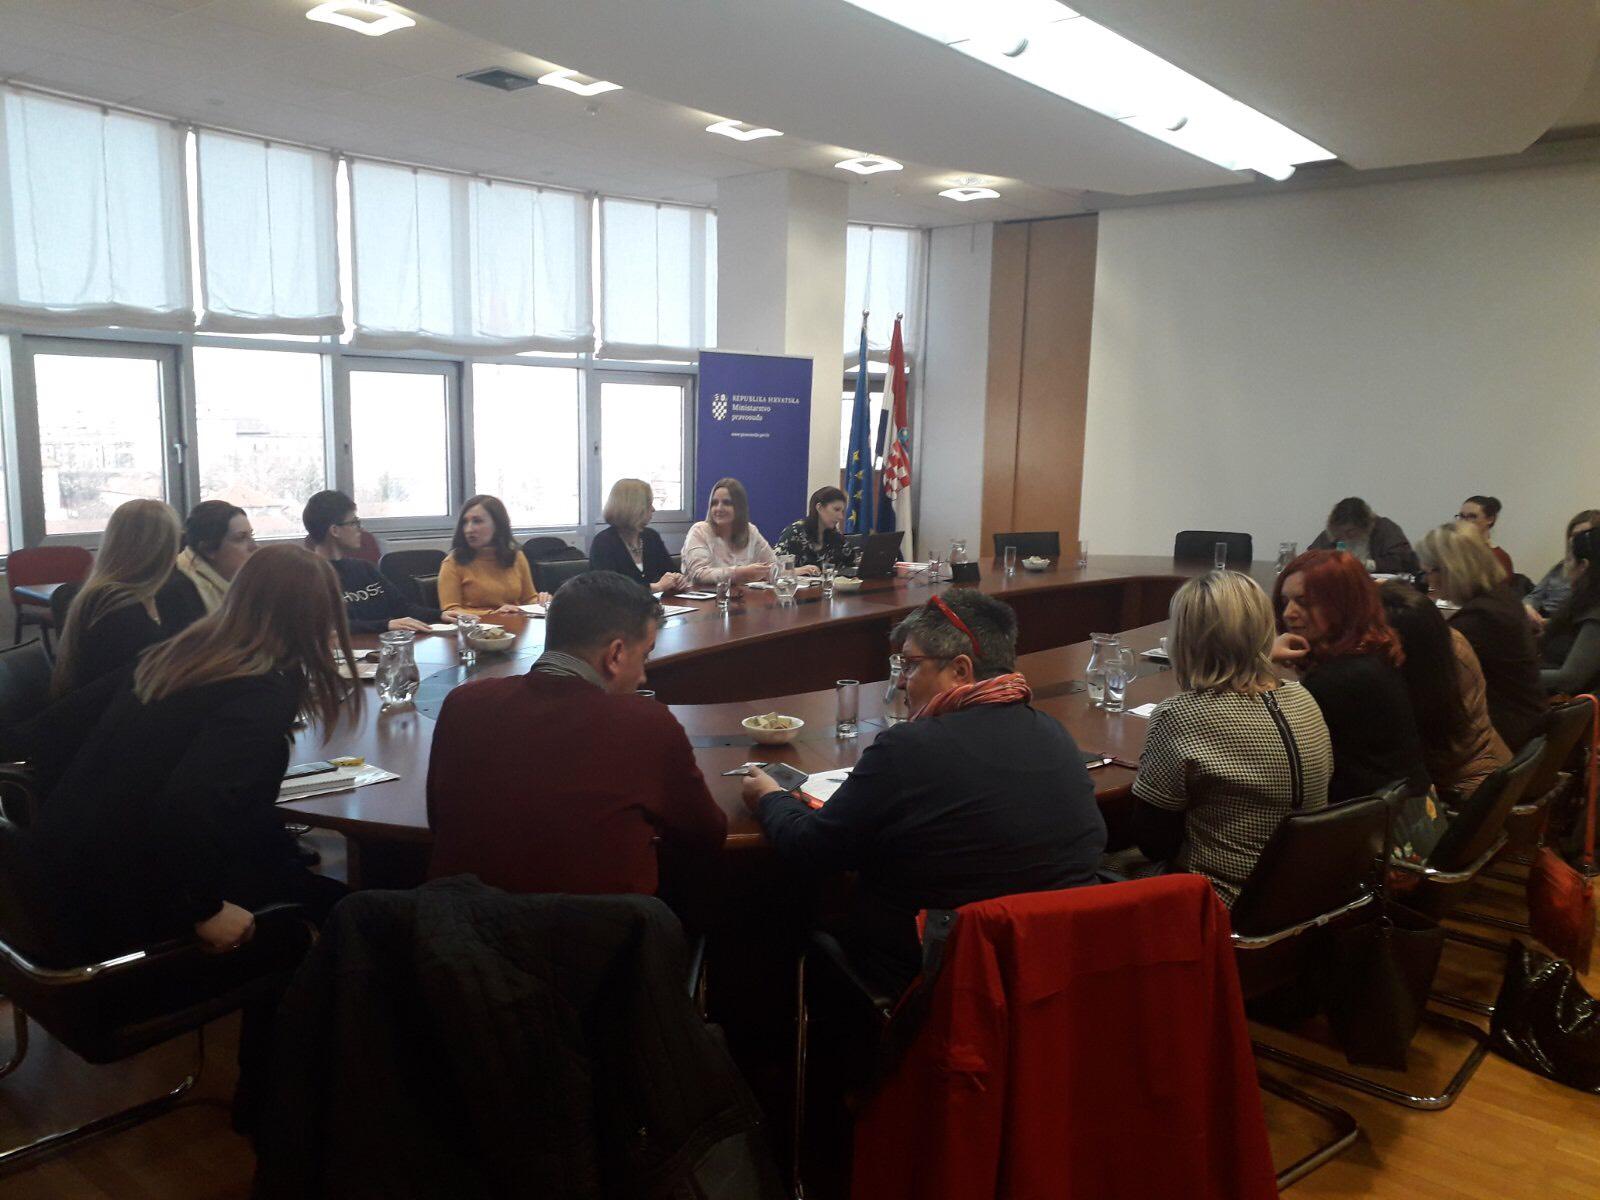 Sastanak u sklopu podrške žrtvama i svjedocima kaznenih djela